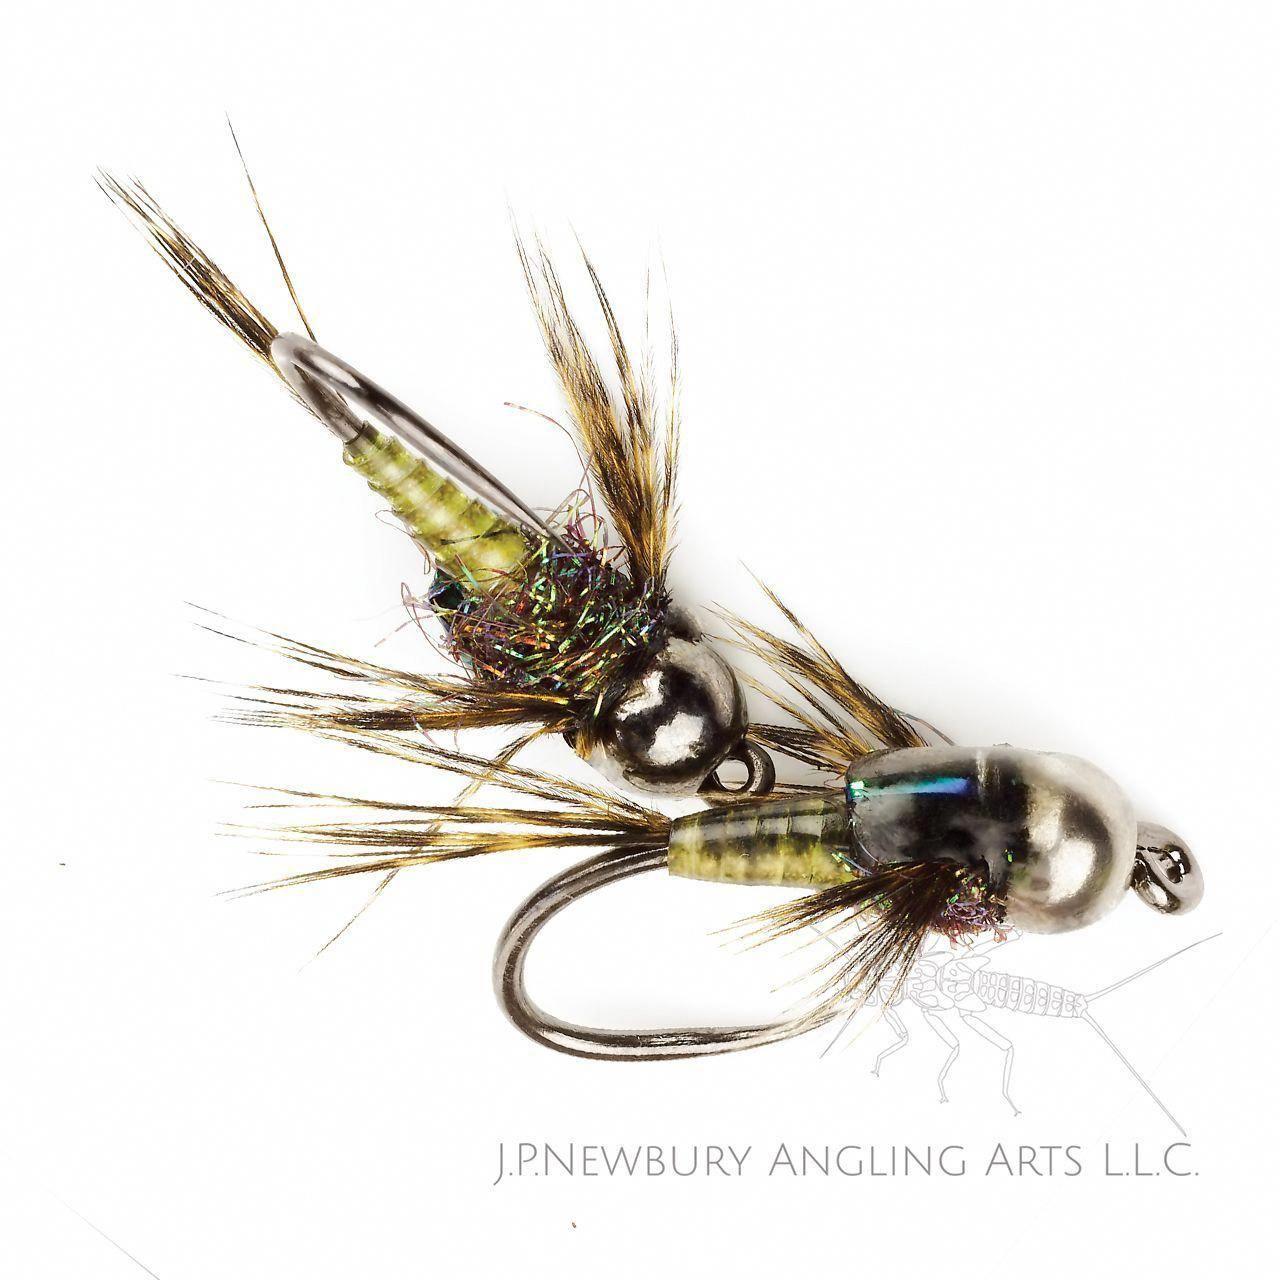 Best Fly Fishing Flyfishing Starterfishingpolekit Fly Tying Fly Fishing Flies Pattern Fly Fishing